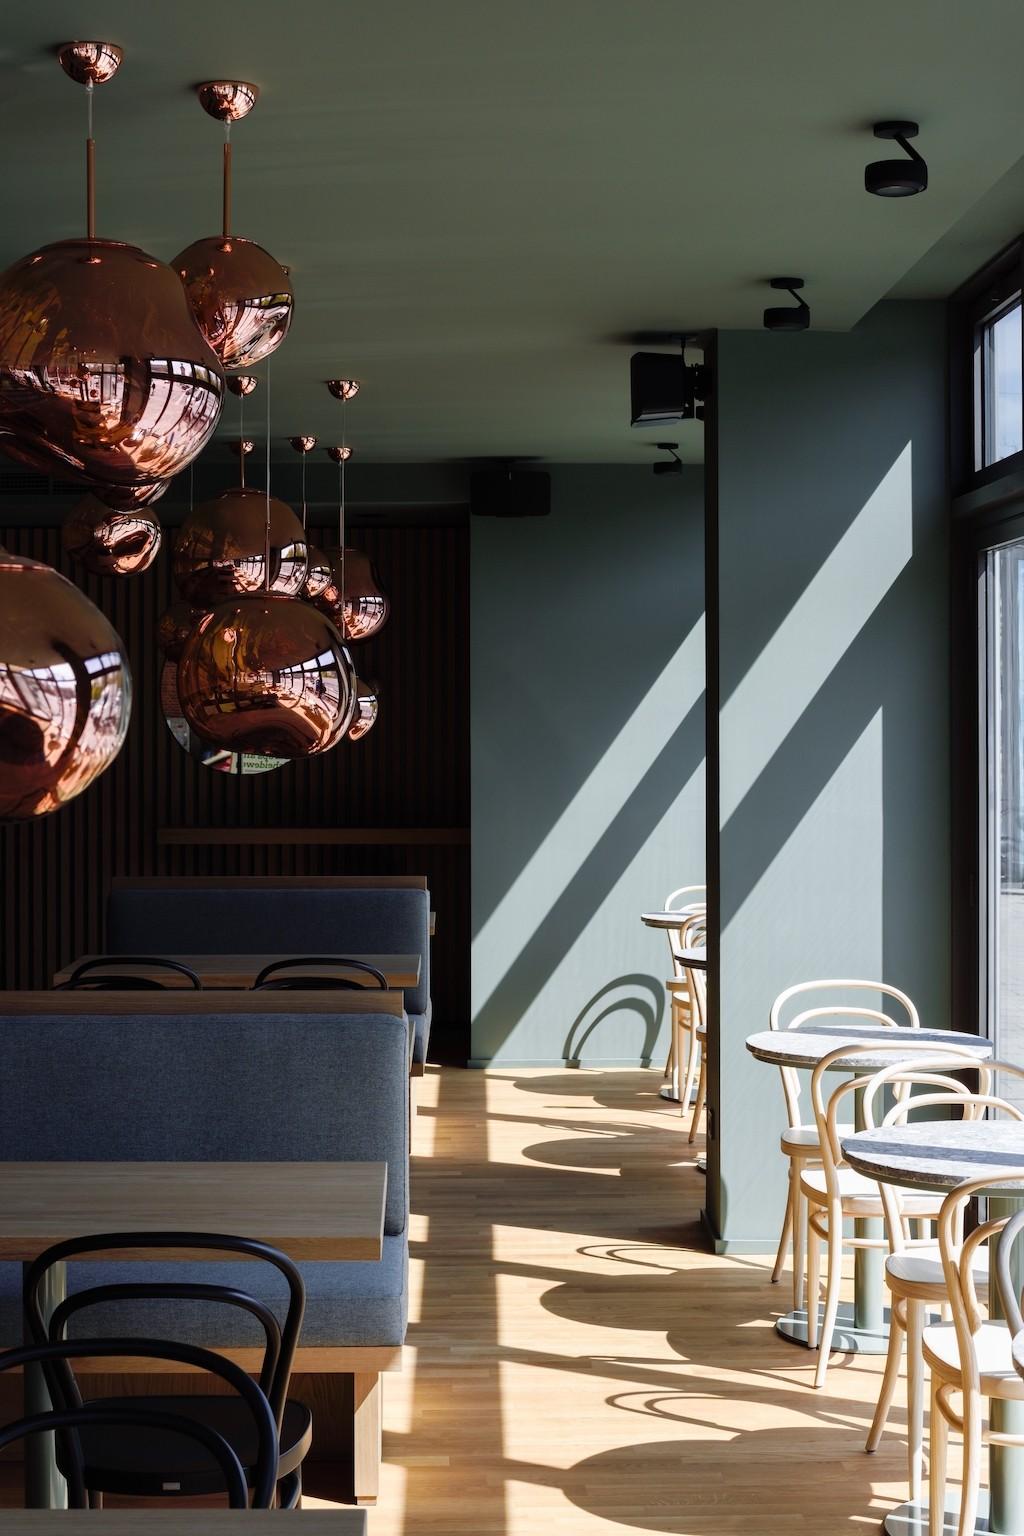 Café mit Thonet 214 Stühlen